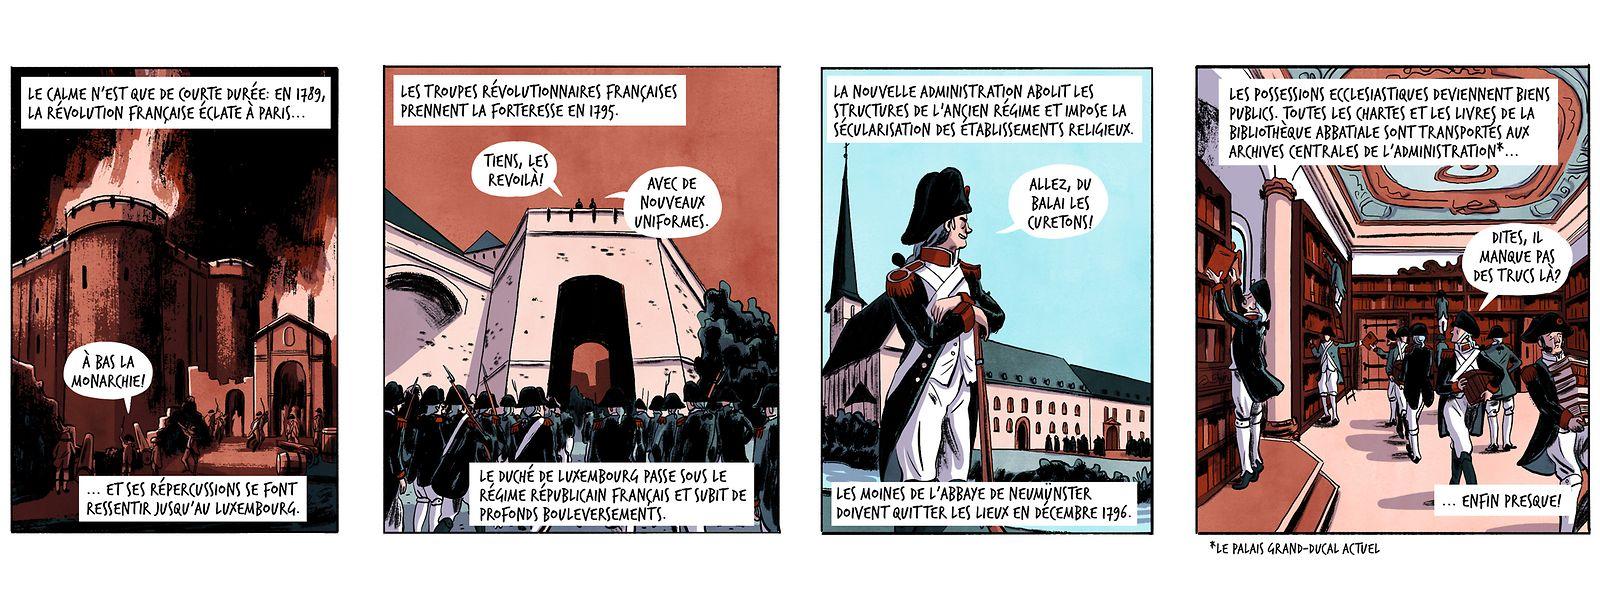 Sixième semaine: 1789-1796, les troupes révolutionnaires françaises prennent la forteresse et les moines doivent quitter Neumünster.